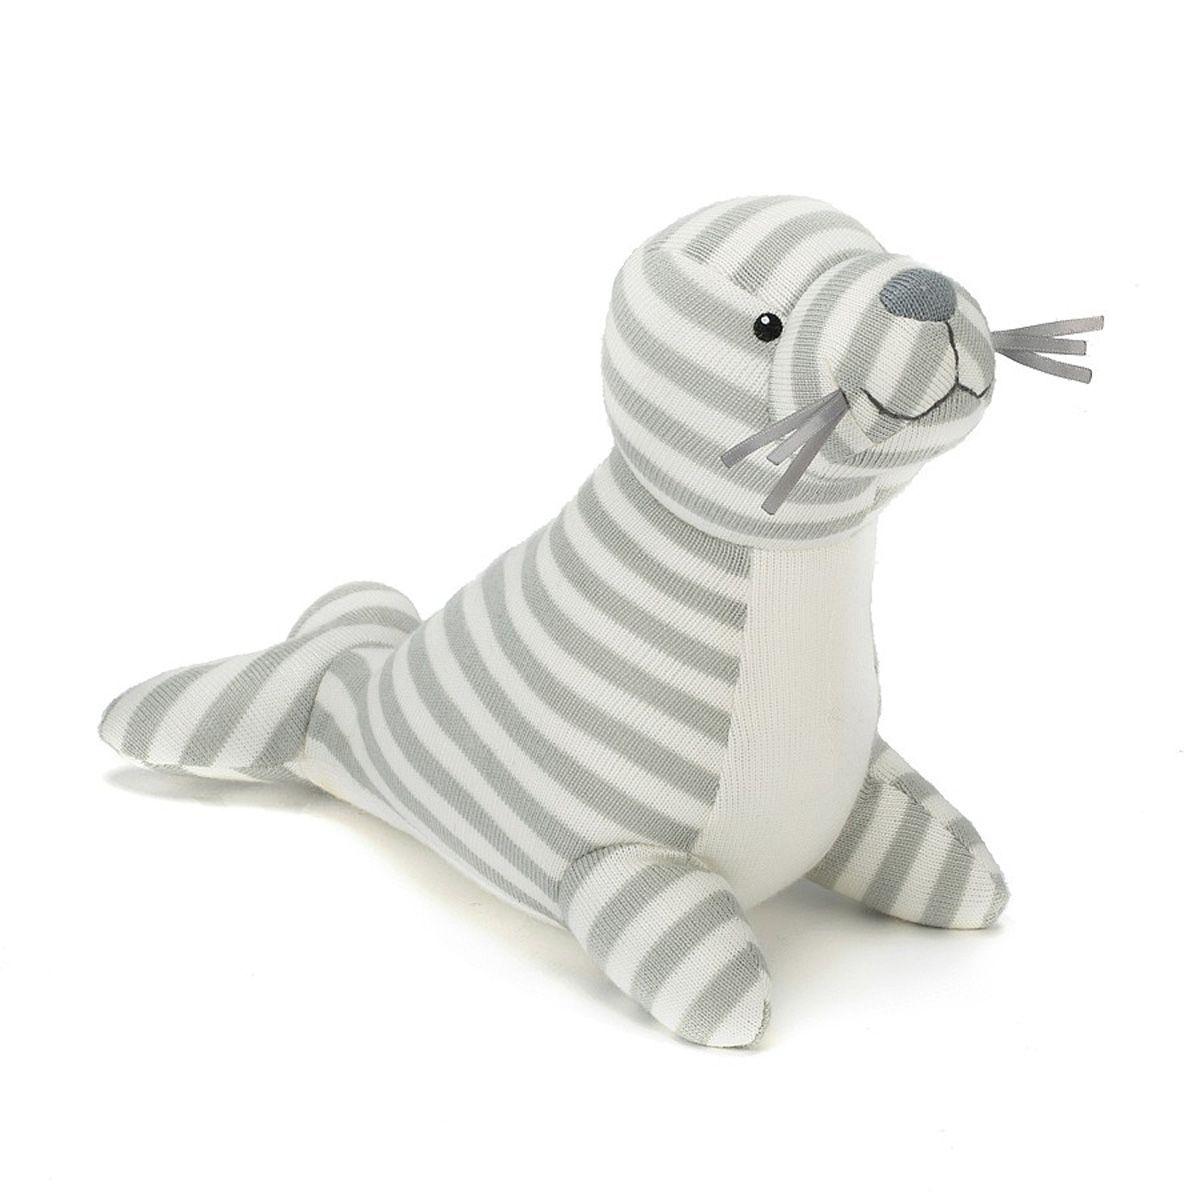 Kuscheltier Robbe \'Shiver\' von Jellycat | Jellycat Toys | Pinterest ...